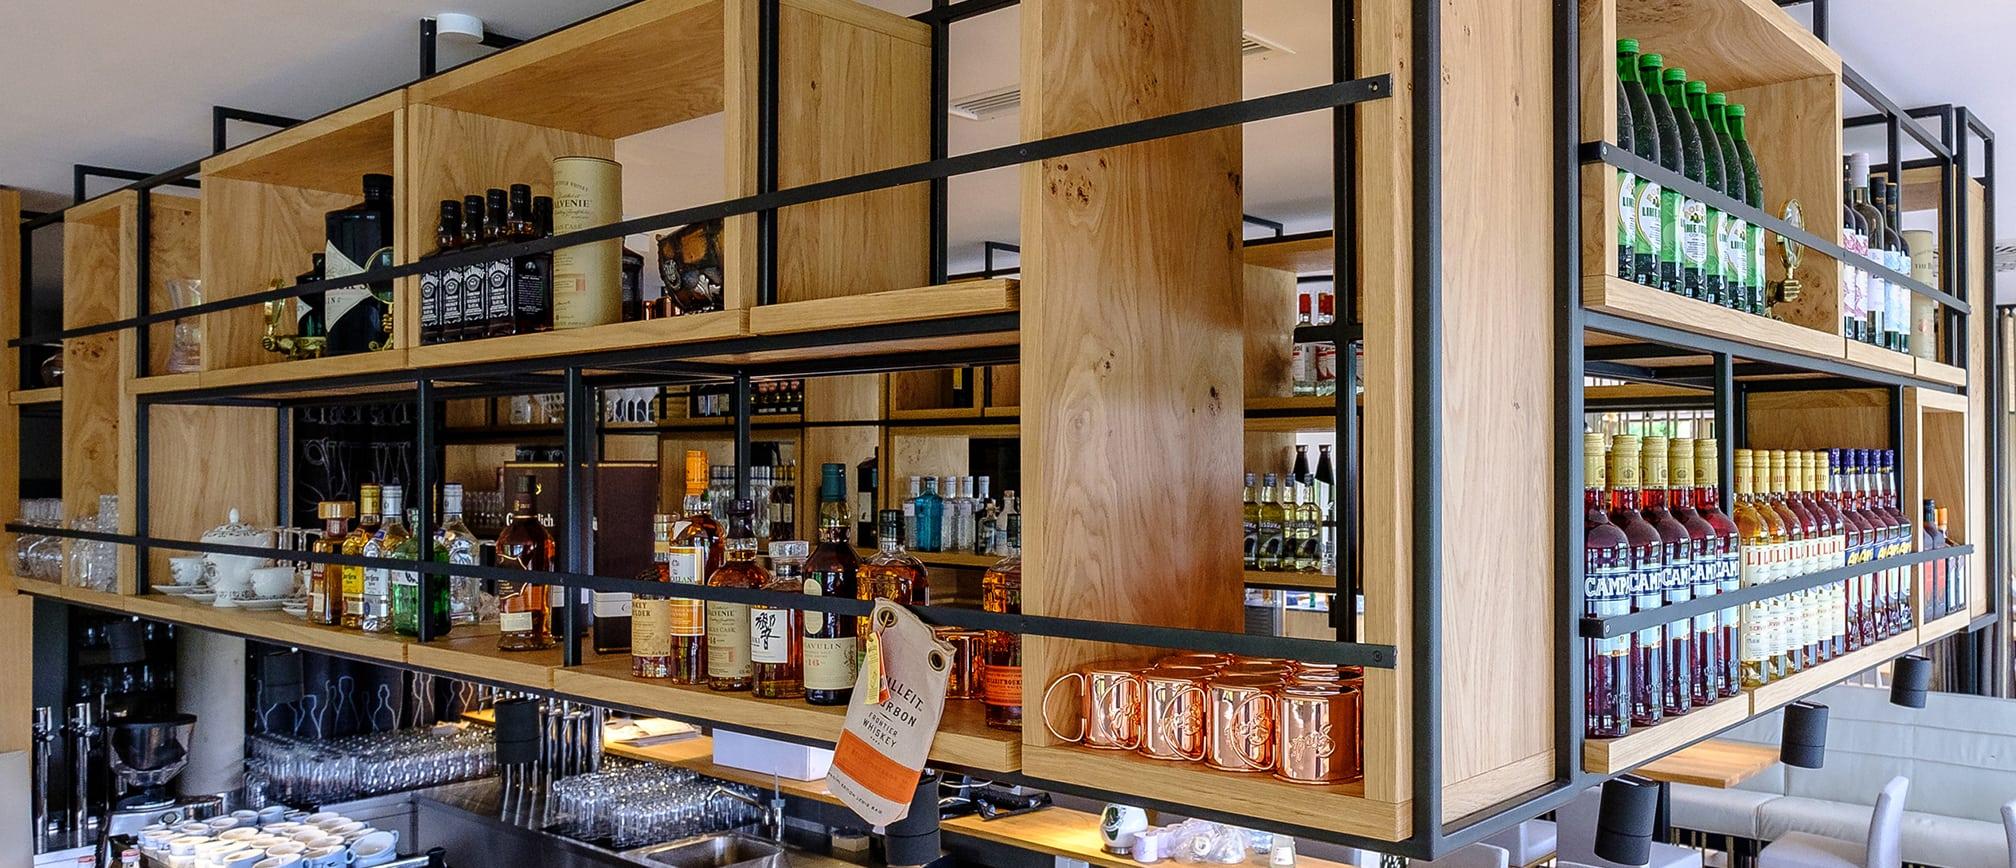 Bar mit Getränken und Gläsern